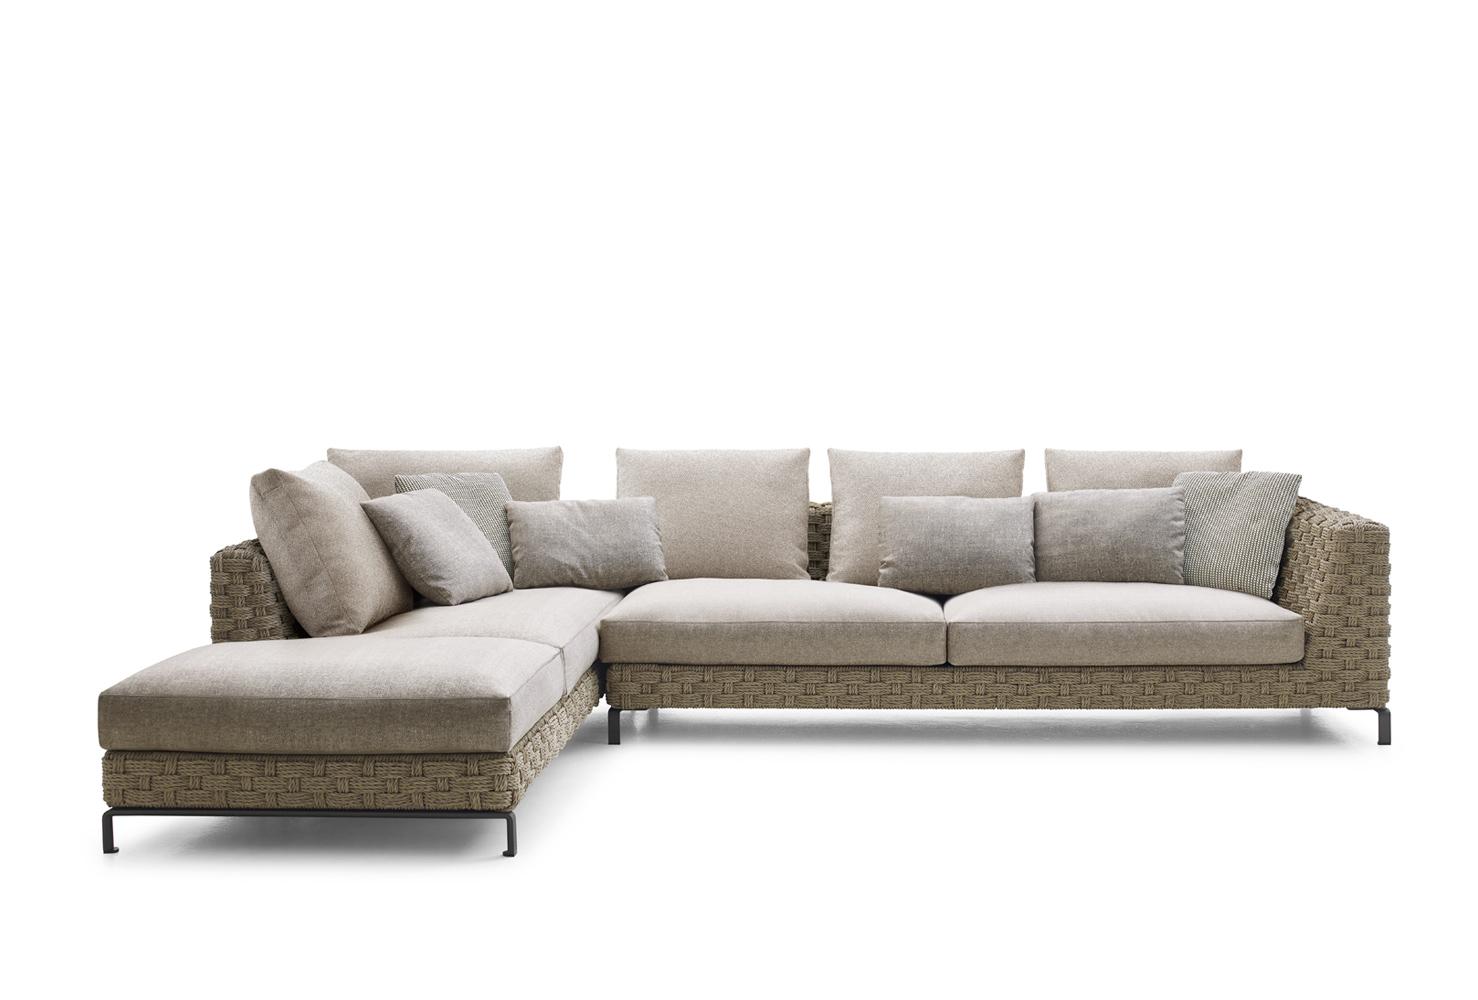 organic sofa uk legacy b andb italia outdoor ray natural buy from campbell